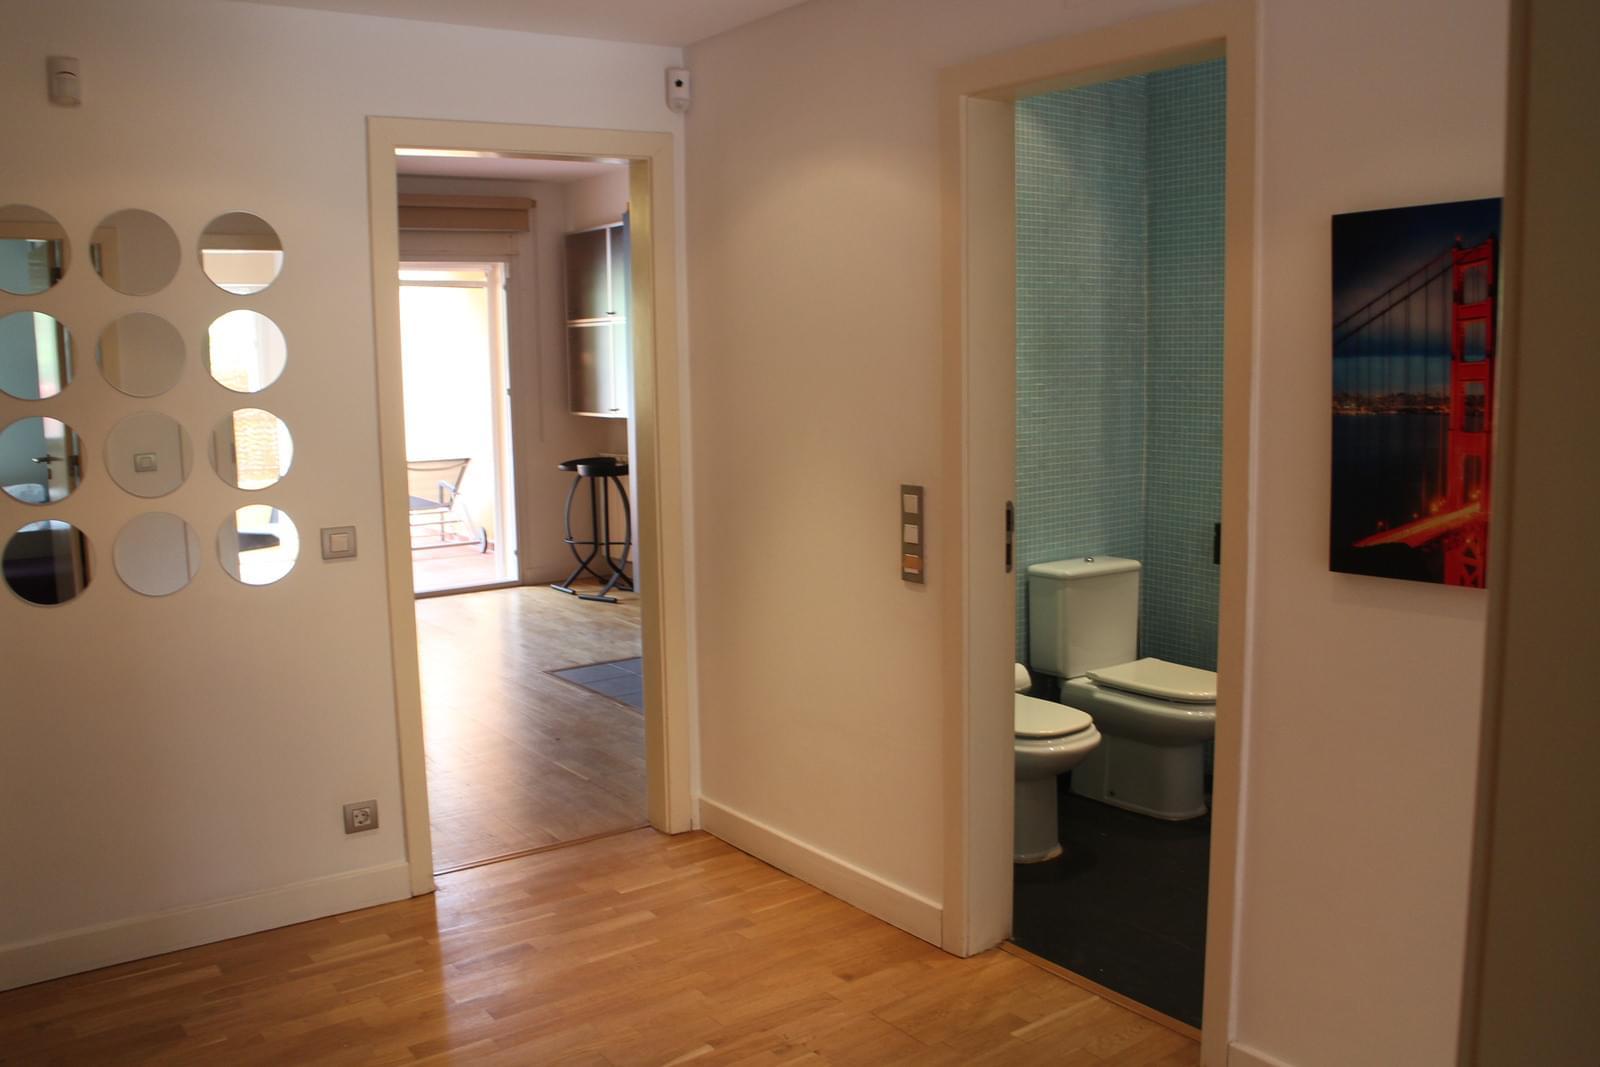 pf17538-apartamento-t2-cascais-c937edbf-6792-4ca4-94ce-87450ea41739